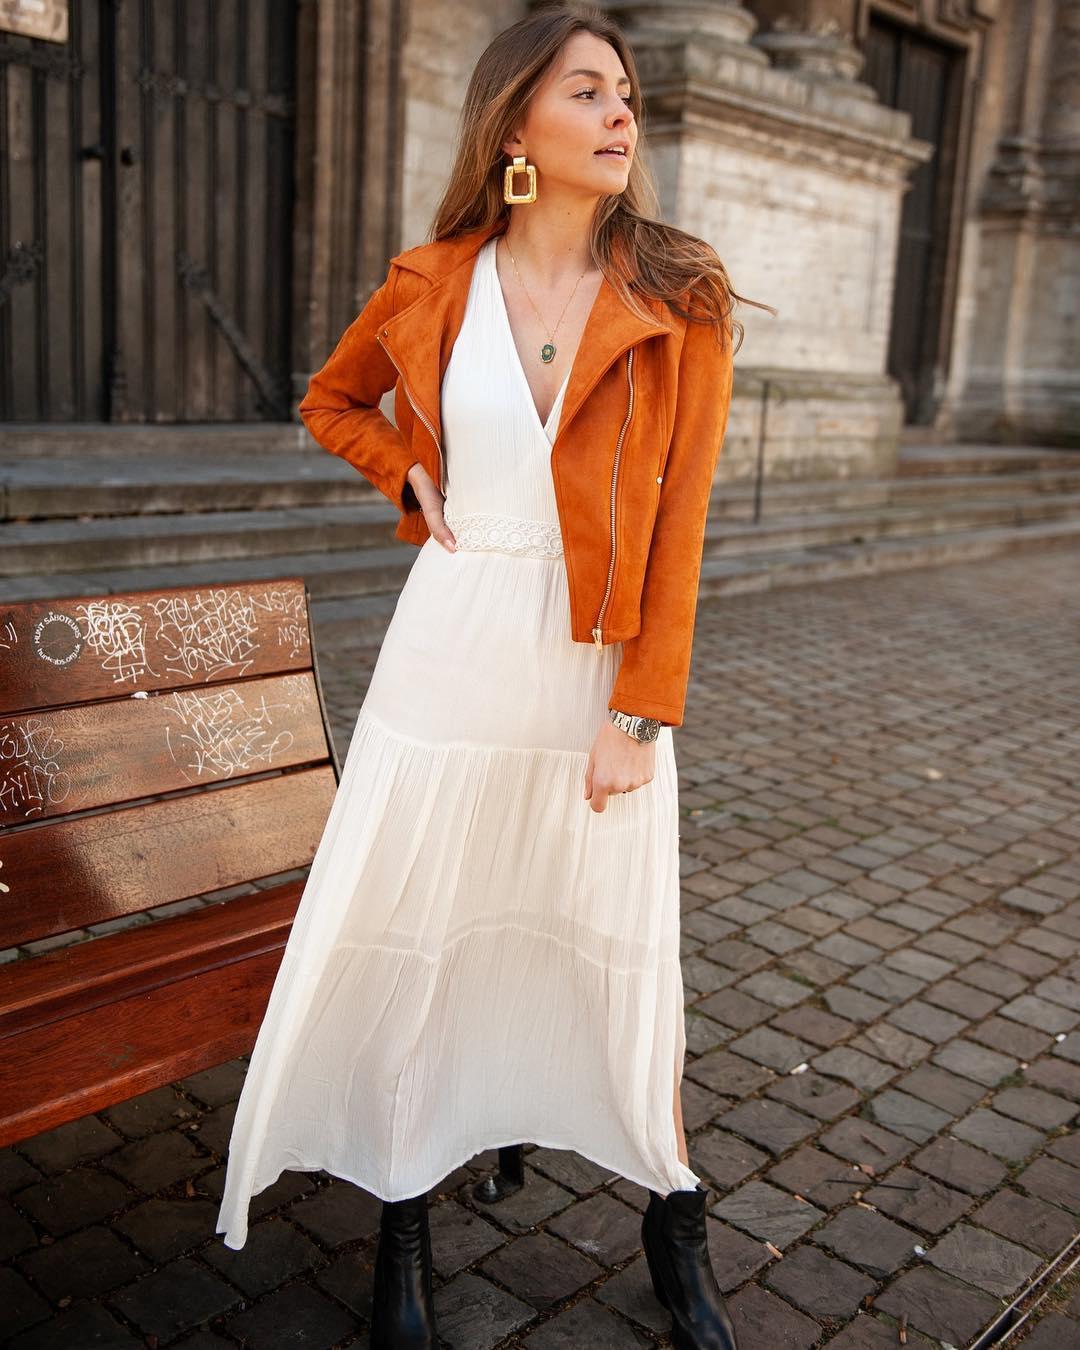 longue robe ecrue de Les Bourgeoises sur scanlesbourgeoises